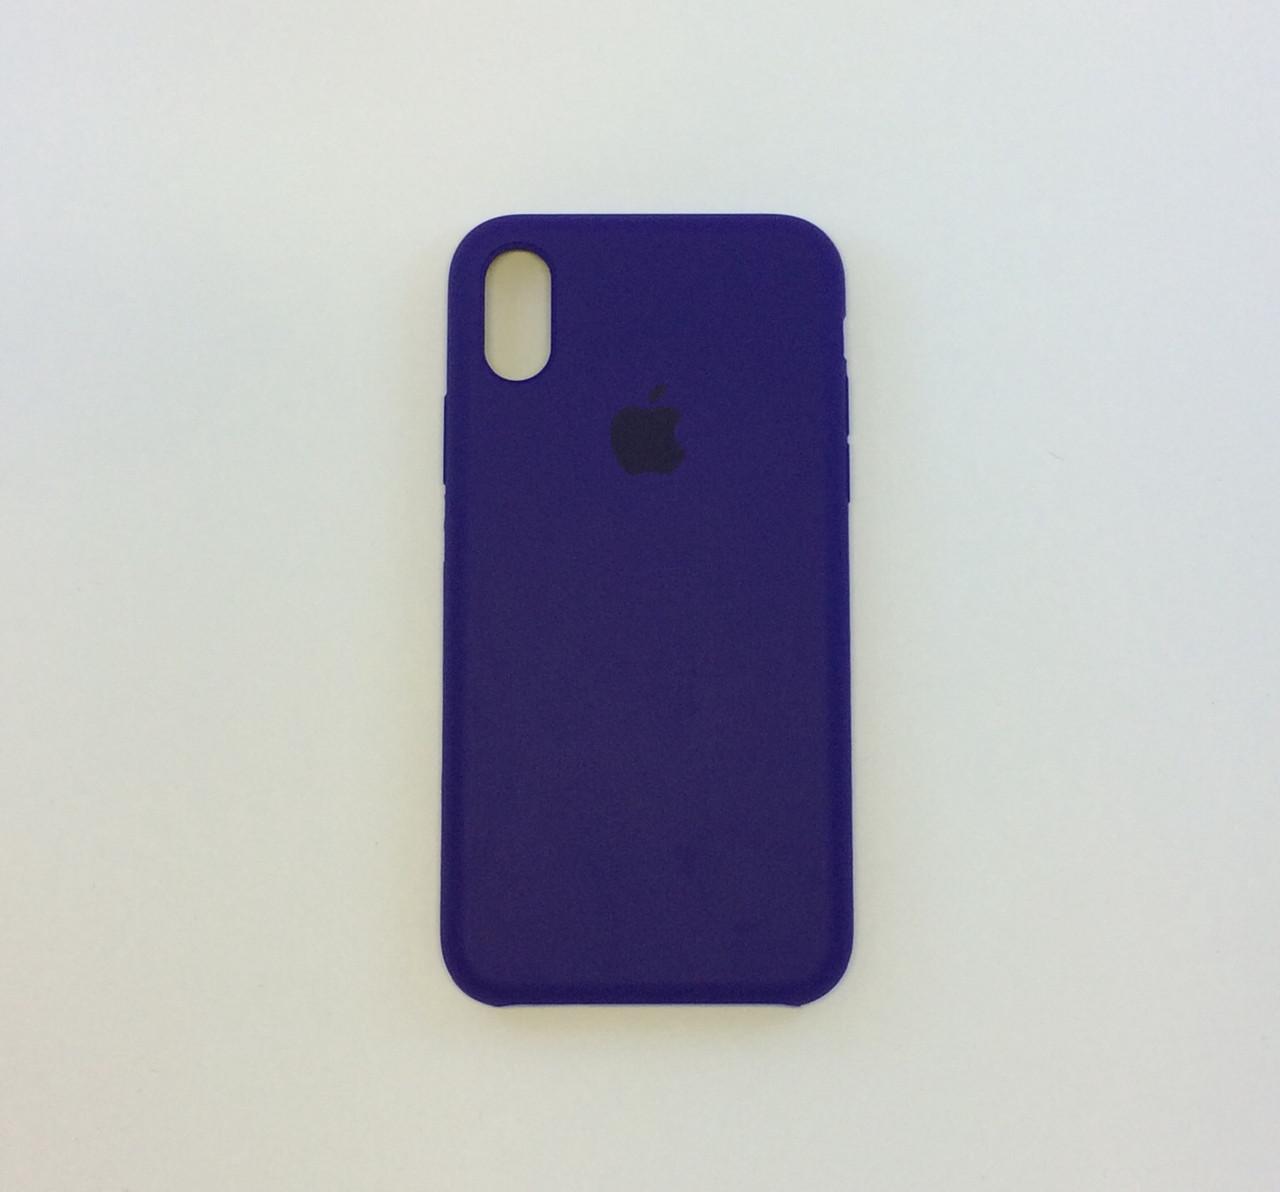 Силиконовый чехол iPhone Xr, ультрафиолетовий, copy original